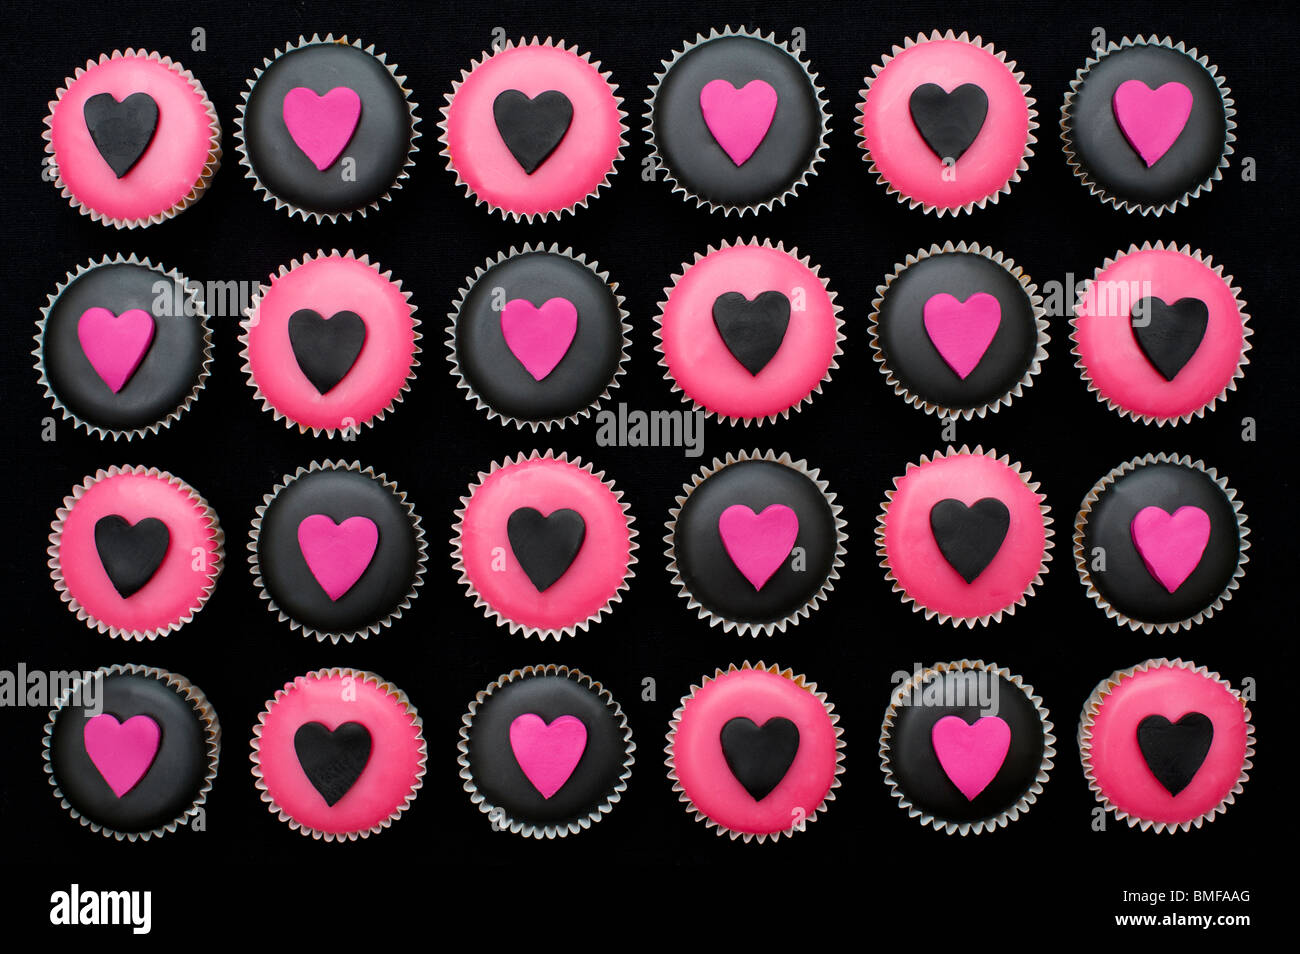 Mini magdalenas decoradas con glaseado rosa y negro y las formas del corazón Imagen De Stock